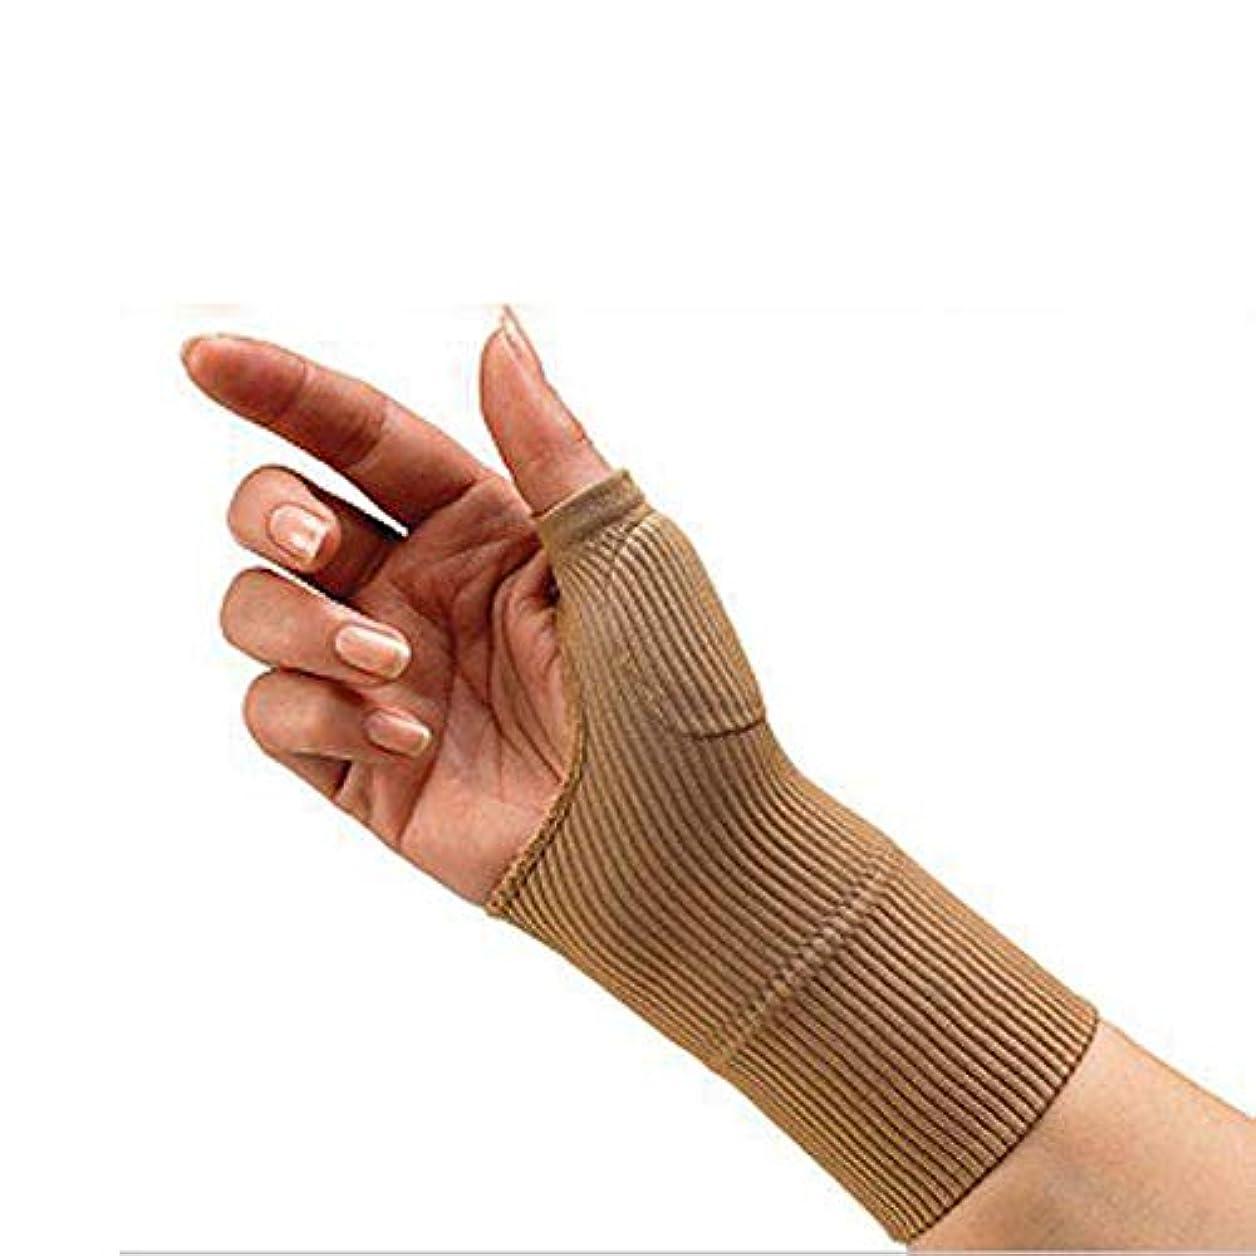 協力する特許くすぐったい男性の女性のためのソリッド手首ブレース手根管サポートハンドブレース手首のサポート包帯バンドベルトアウトドア手根管ハンドブレース